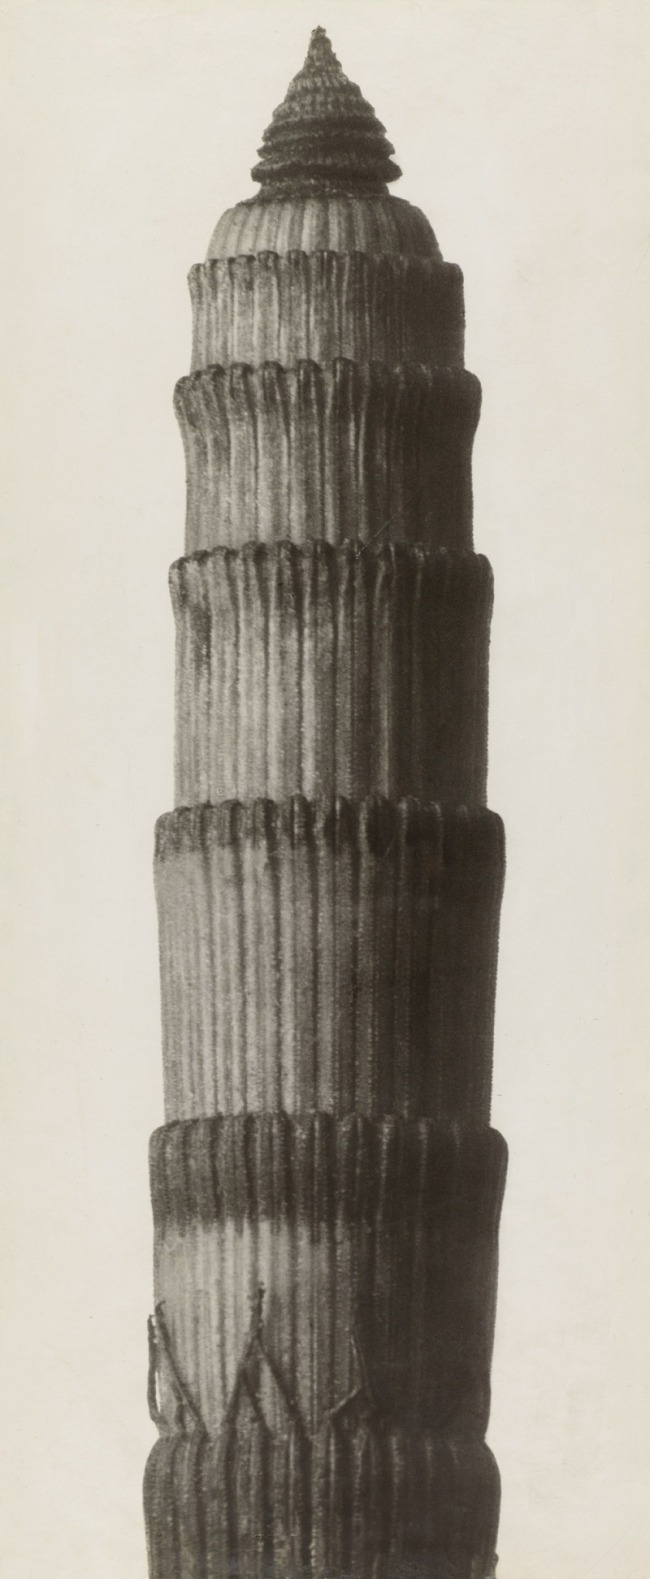 Karl Blossfeldt. 'Equisetum hyemale. Winter Horsetail' before 1929